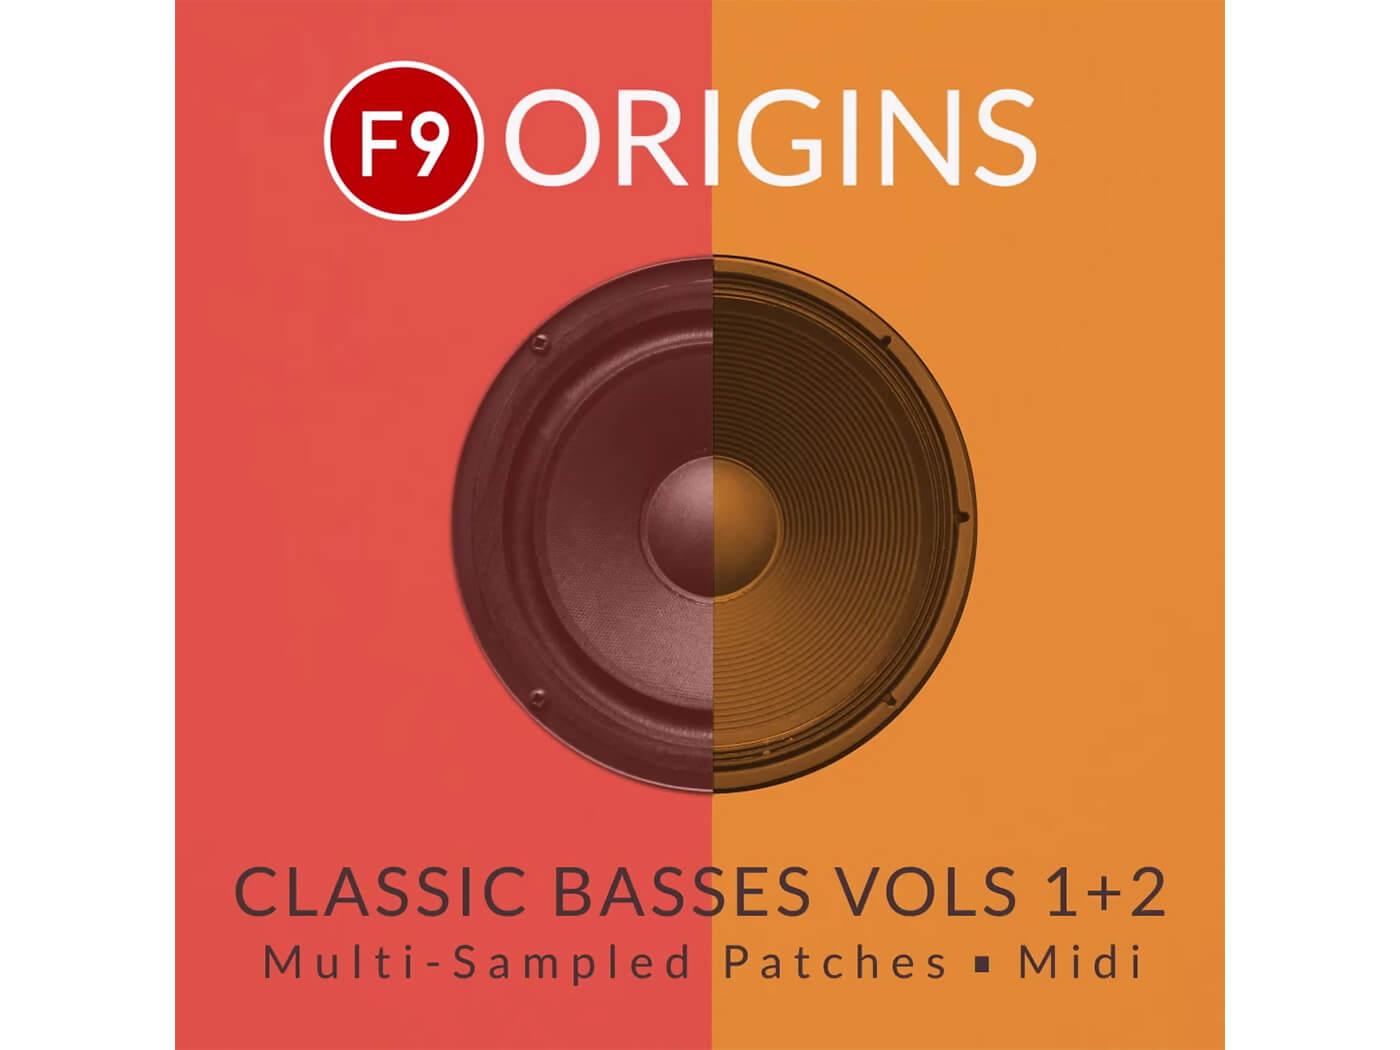 F9 Origins Classic Basses Vol 1 and 2